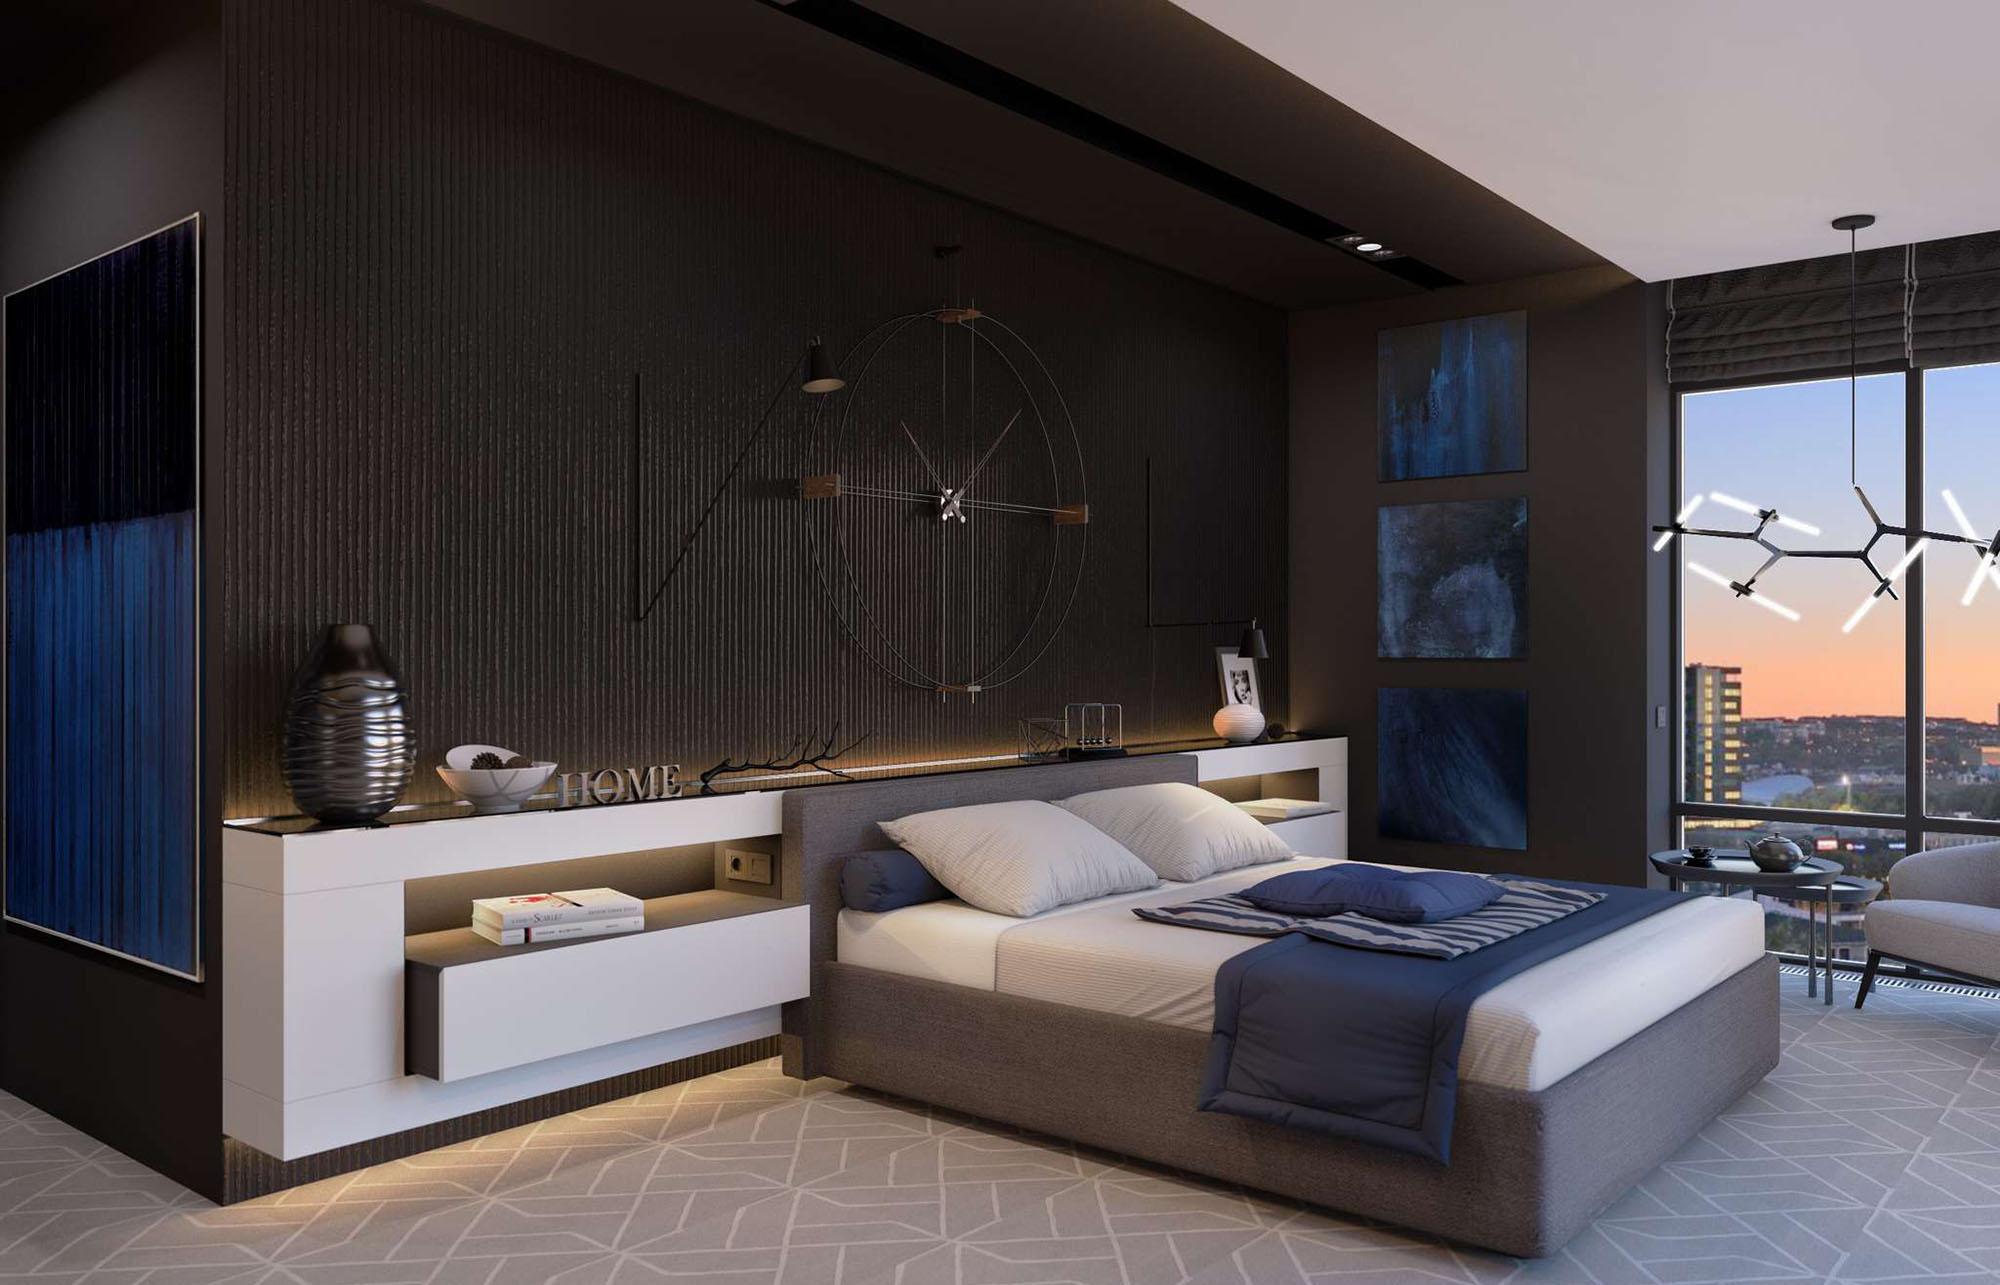 Белый, черный и синий цвета в интерьере спальни